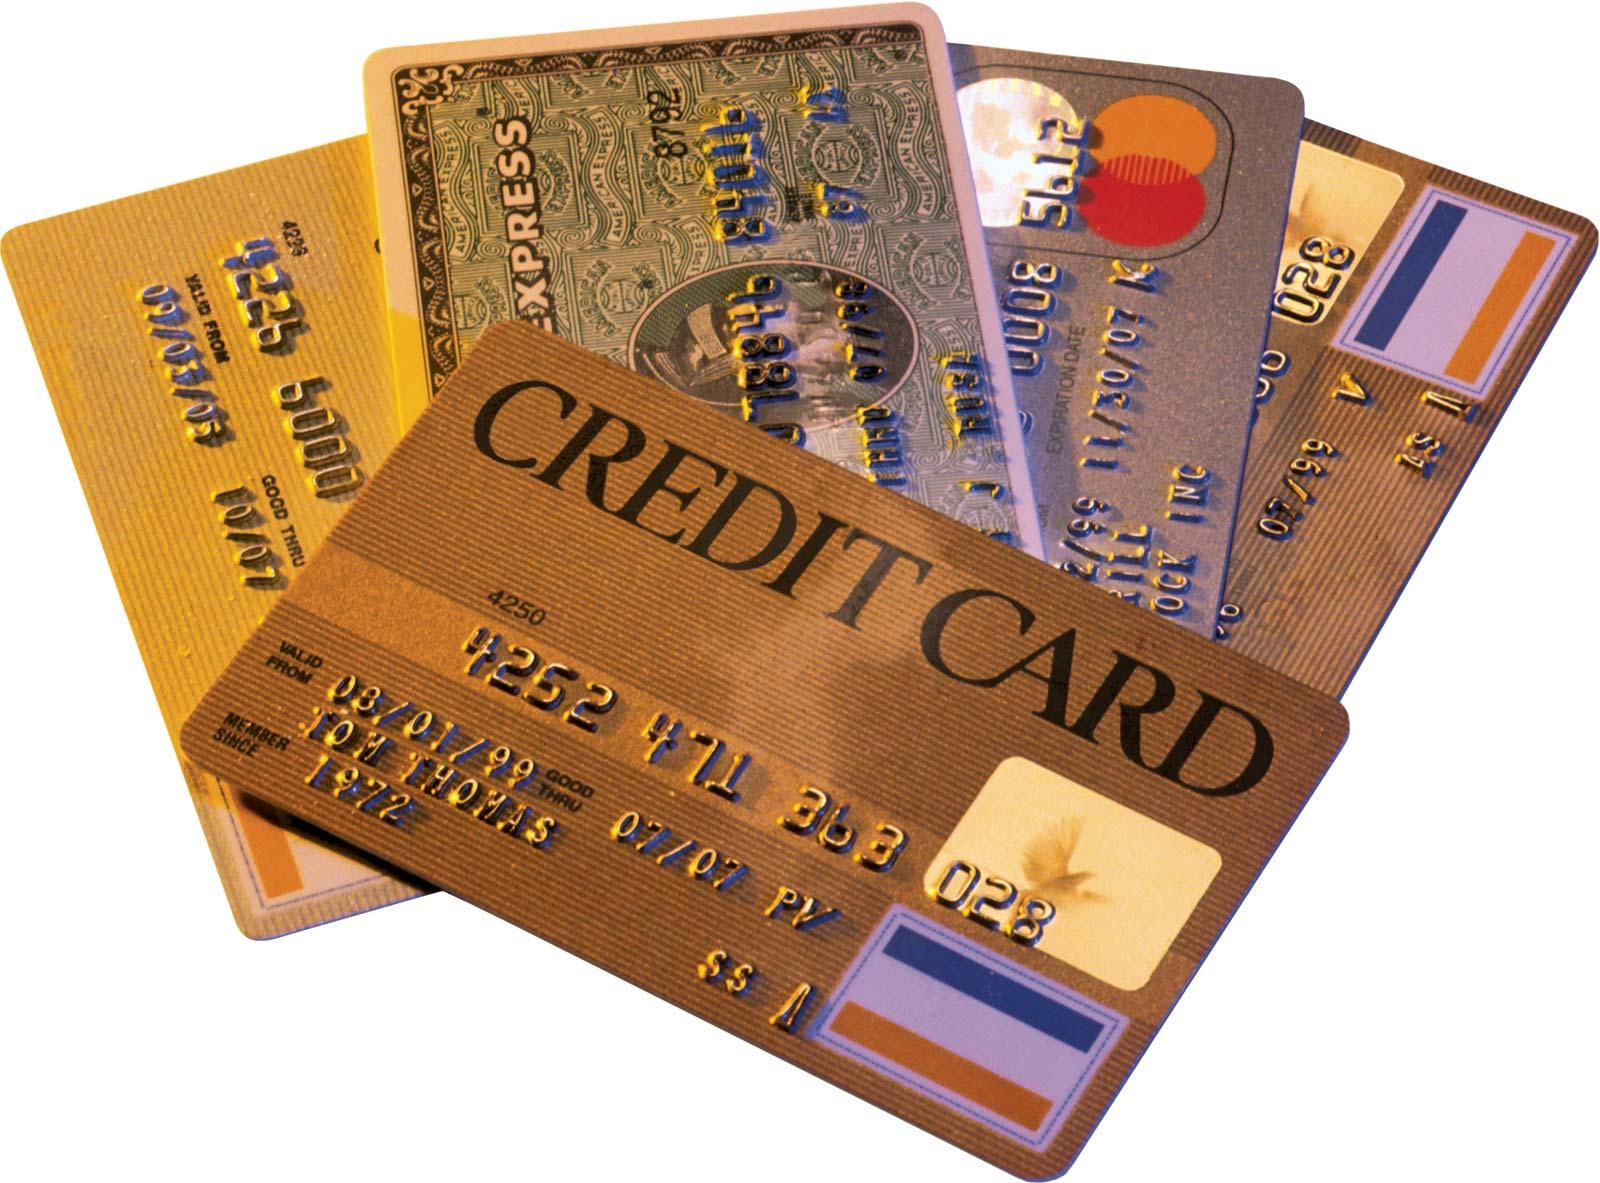 Thẻ Credit card là gì? Lưu ý khi sử dụng